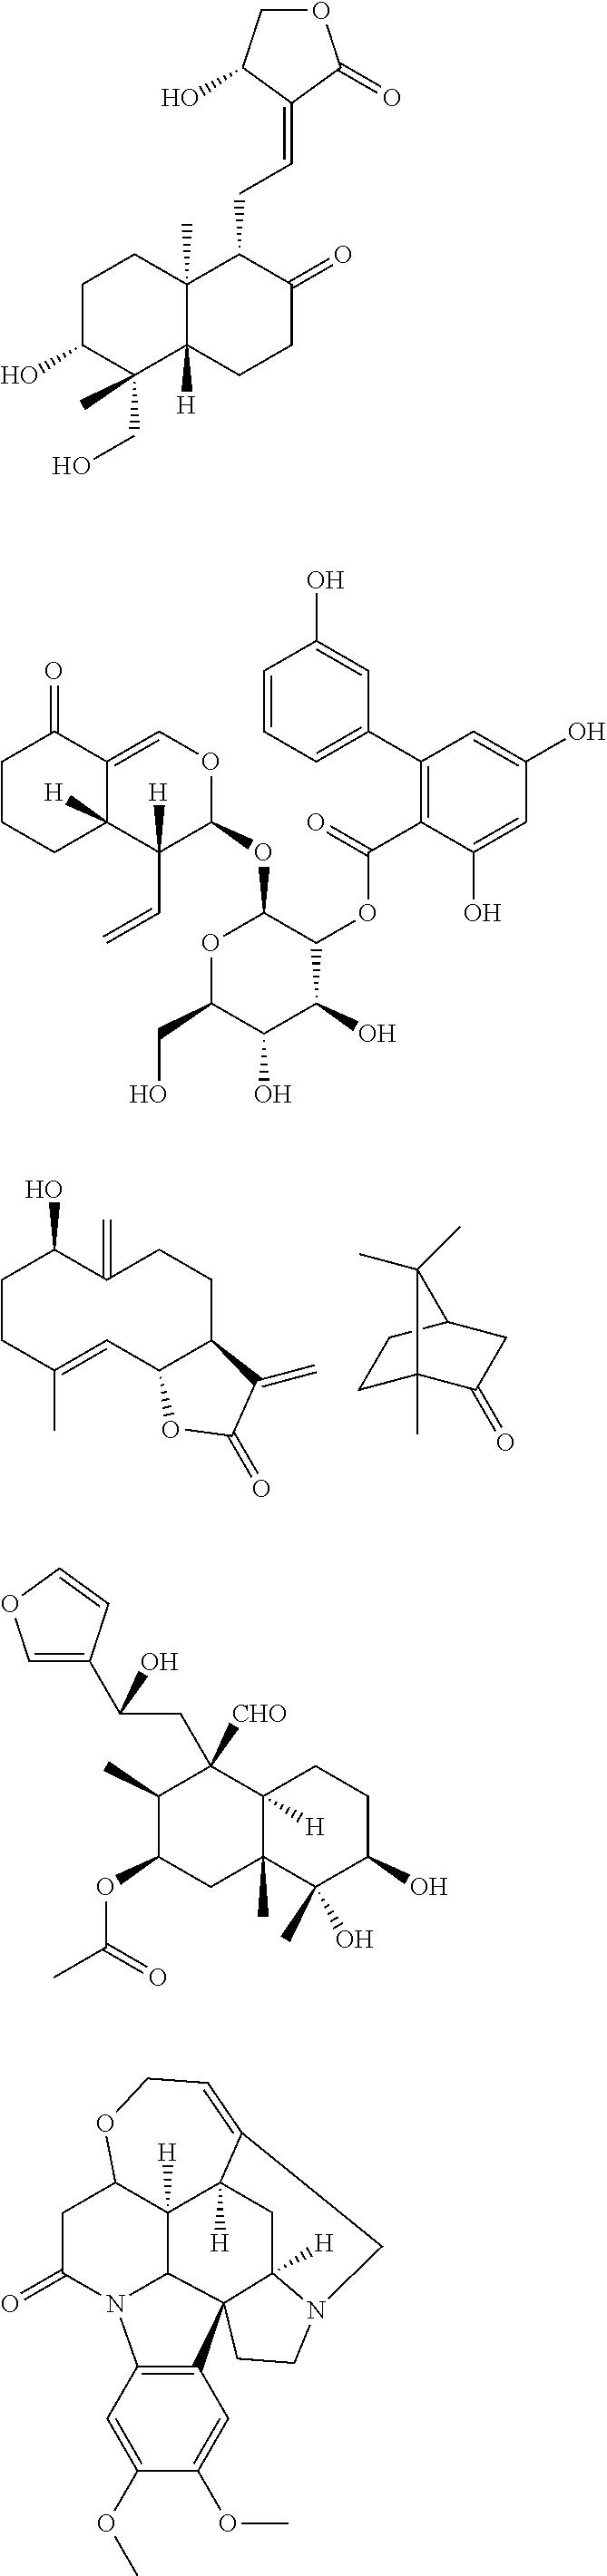 Figure US09962344-20180508-C00110